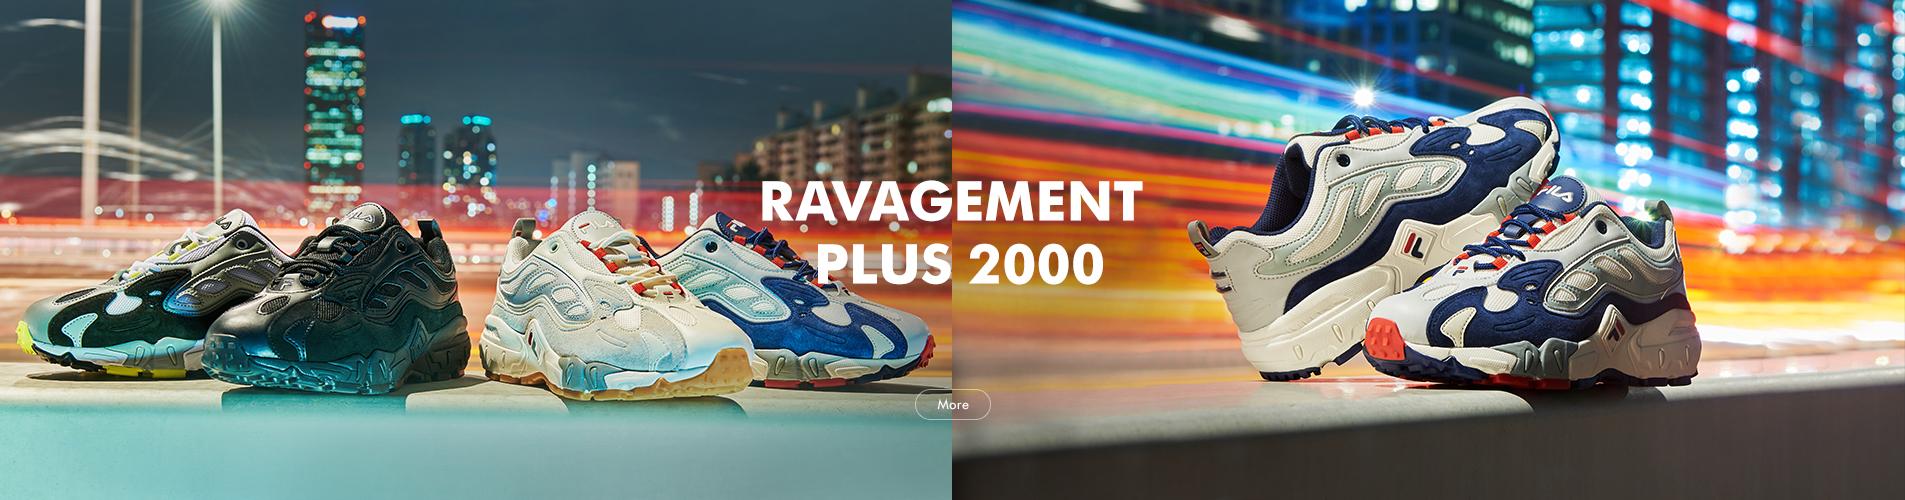 RAVAGEMENT PLUS 2000